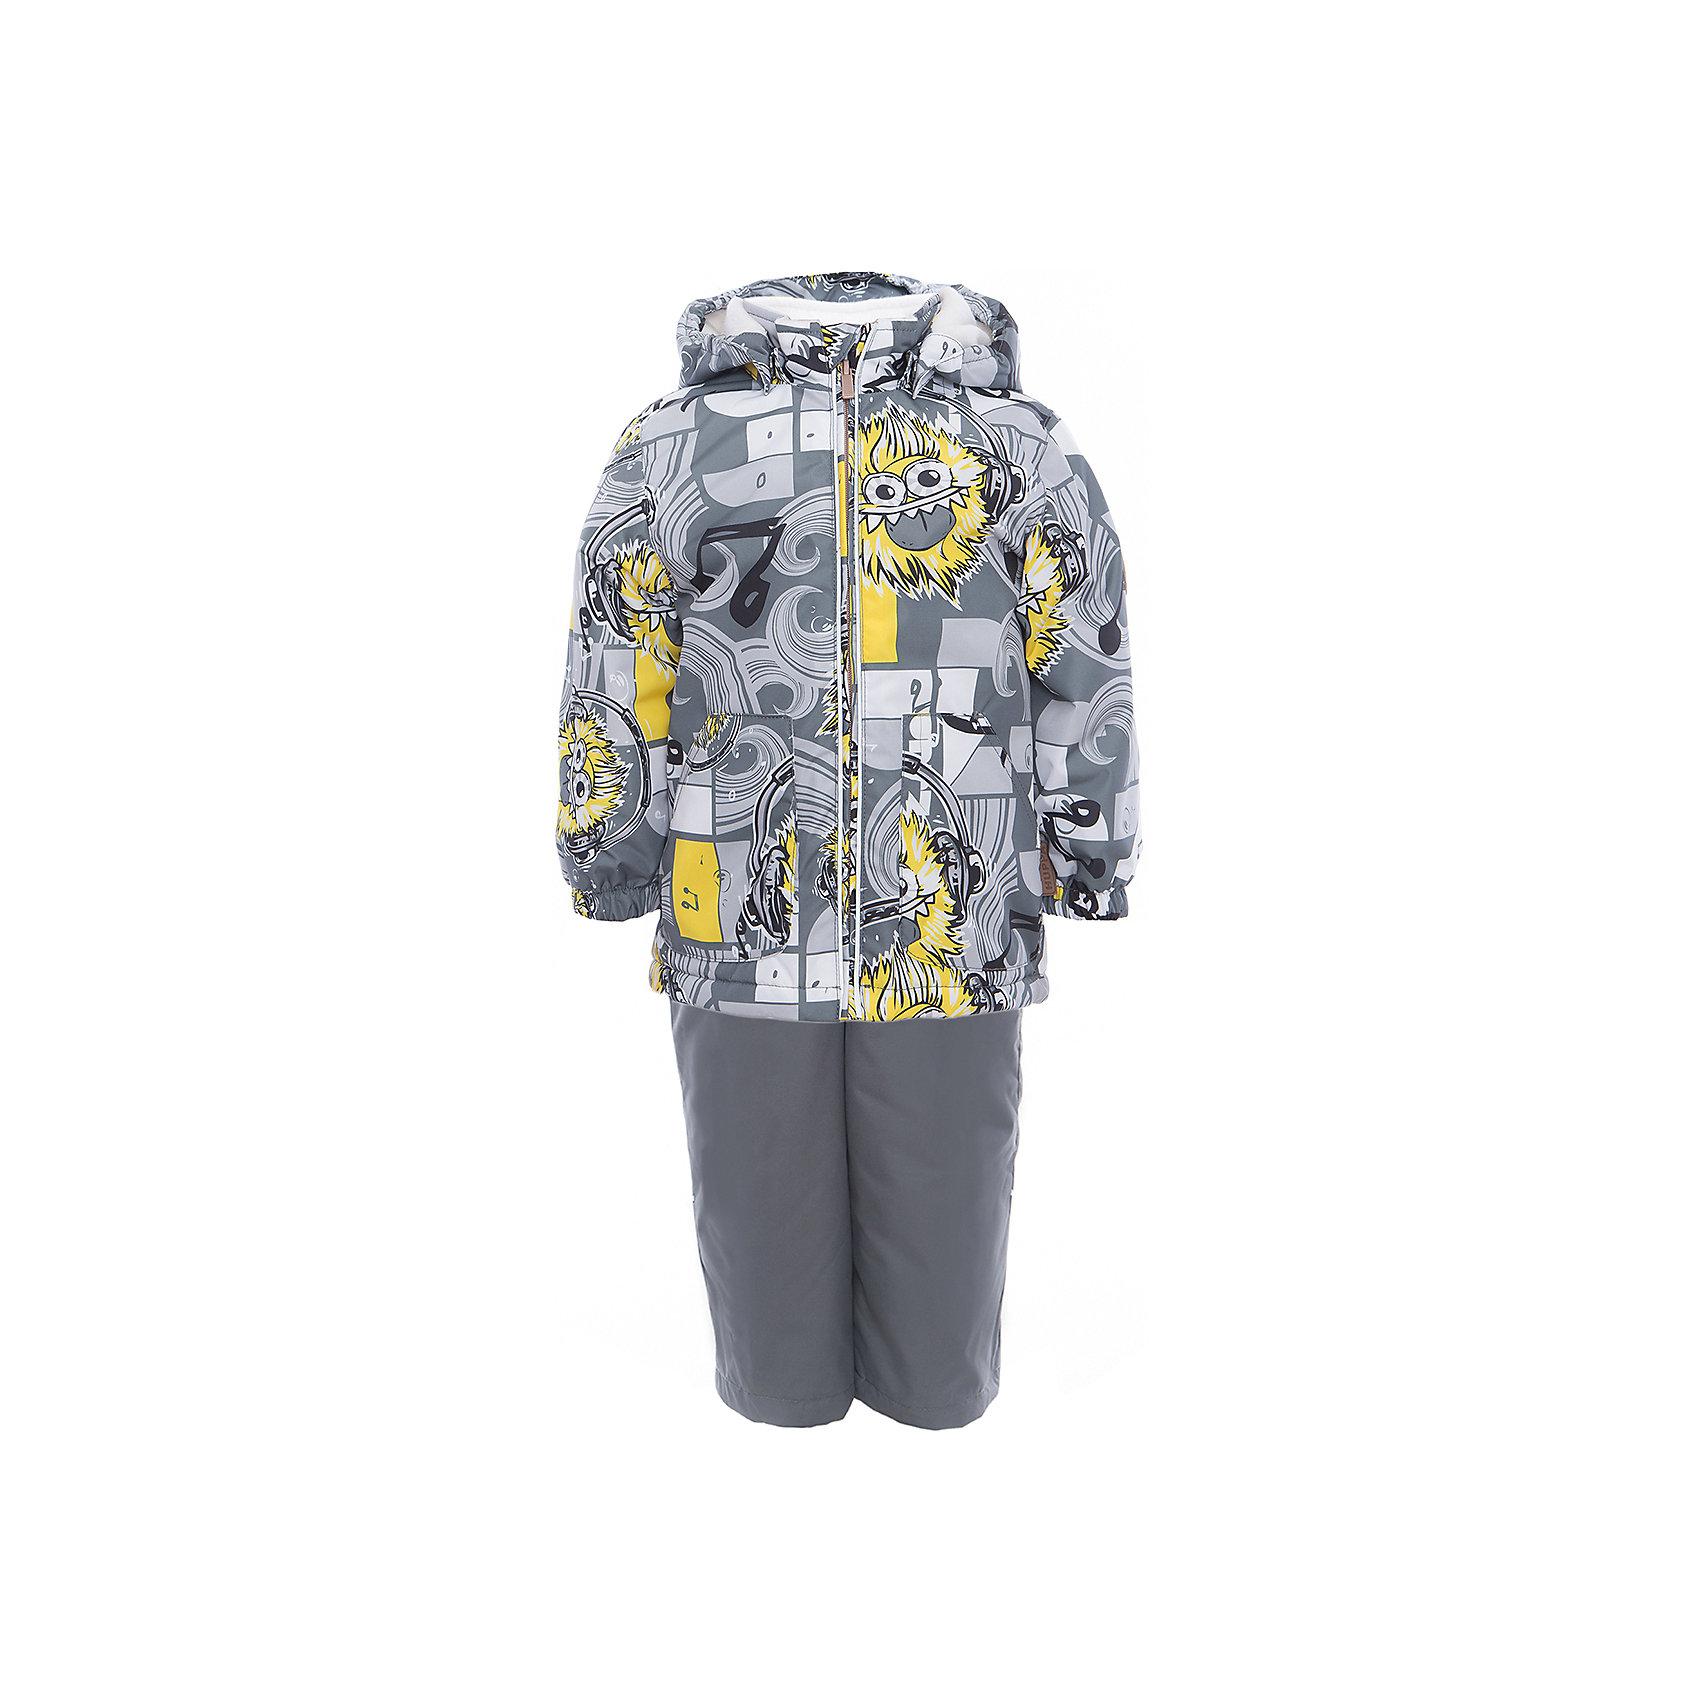 Комплект: куртка и полукомбинезон YOKO для мальчика HuppaВерхняя одежда<br>Характеристики товара:<br><br>• цвет: серый принт<br>• комплектация: куртка и полукомбинезон <br>• ткань: 100% полиэстер<br>• подкладка: тафта - 100% полиэстер<br>• утеплитель: в куртке и в брюках - 100% полиэстер 100 г<br>• температурный режим: от -5°С до +10°С<br>• водонепроницаемость: 10000 мм<br>• воздухопроницаемость: 10000 мм<br>• светоотражающие детали<br>• шов сидения проклеен<br>• эластичный шнур по низу куртки<br>• эластичный шнур с фиксатором внизу брючин<br>• съёмный капюшон с резинкой<br>• эластичные манжеты рукавов<br>• регулируемые низы брючин<br>• без внутренних швов<br>• резиновые подтяжки<br>• коллекция: весна-лето 2017<br>• страна бренда: Эстония<br><br>Такой модный демисезонный комплект  обеспечит детям тепло и комфорт. Он сделан из материала, отталкивающего воду, и дополнен подкладкой с утеплителем, поэтому изделие идеально подходит для межсезонья. Материал изделий - с мембранной технологией: защищая от влаги и ветра, он легко выводит лишнюю влагу наружу. Комплект очень симпатично смотрится. <br><br>Одежда и обувь от популярного эстонского бренда Huppa - отличный вариант одеть ребенка можно и комфортно. Вещи, выпускаемые компанией, качественные, продуманные и очень удобные. Для производства изделий используются только безопасные для детей материалы. Продукция от Huppa порадует и детей, и их родителей!<br><br>Комплект: куртка и полукомбинезон YOKO от бренда Huppa (Хуппа) можно купить в нашем интернет-магазине.<br><br>Ширина мм: 356<br>Глубина мм: 10<br>Высота мм: 245<br>Вес г: 519<br>Цвет: серый<br>Возраст от месяцев: 72<br>Возраст до месяцев: 84<br>Пол: Мужской<br>Возраст: Детский<br>Размер: 122,92,98,104,110,116<br>SKU: 5346746